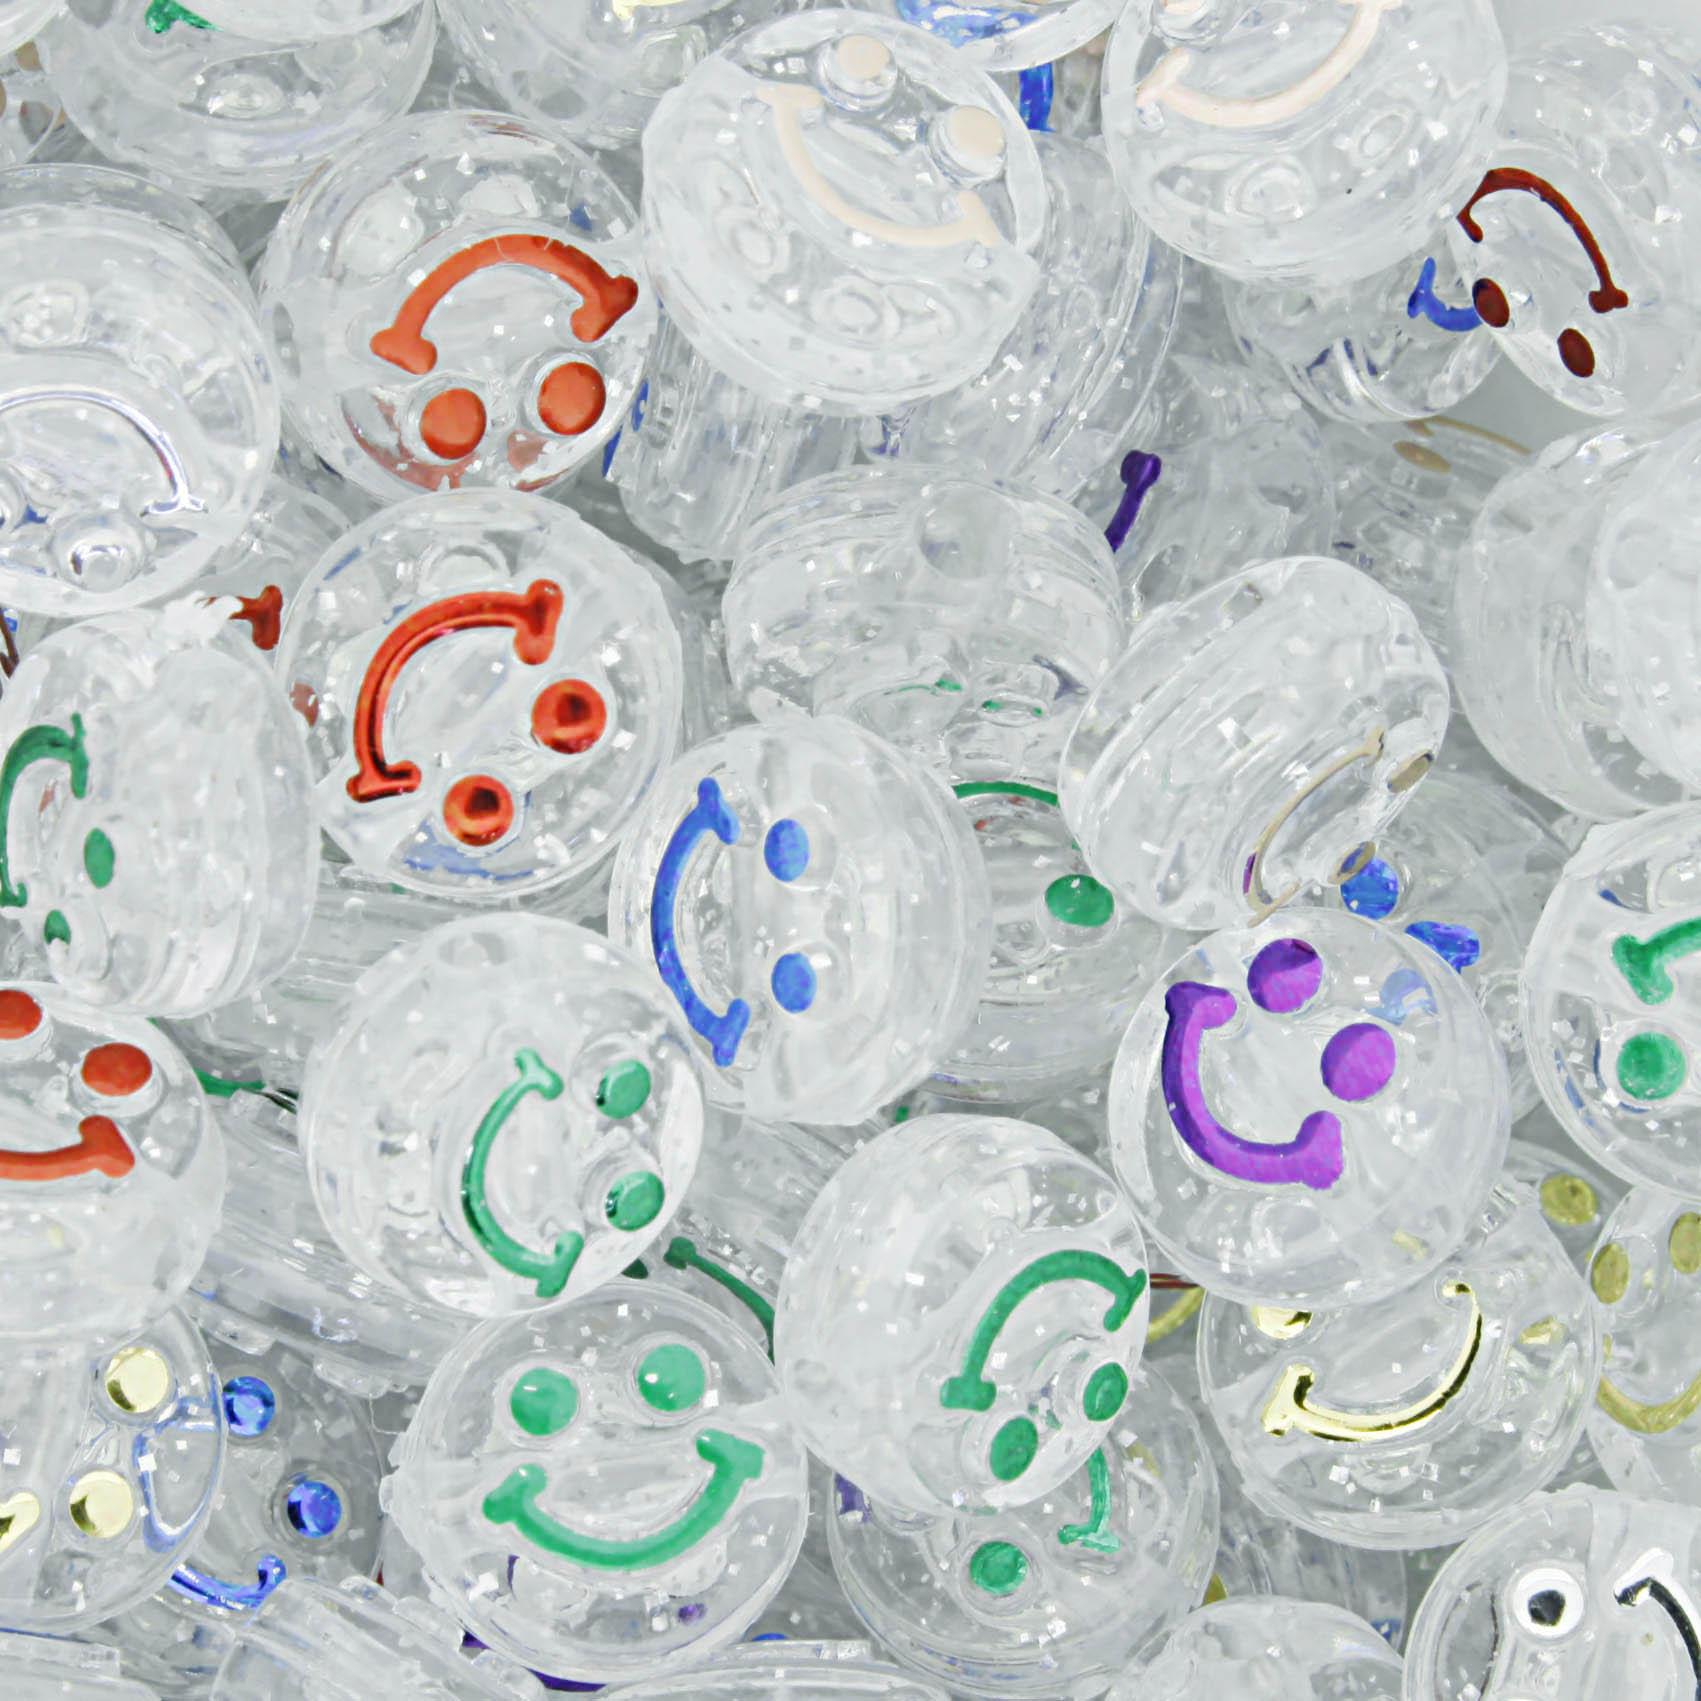 Miçanga Infantil - Smile Colors Transparente  - Stéphanie Bijoux® - Peças para Bijuterias e Artesanato